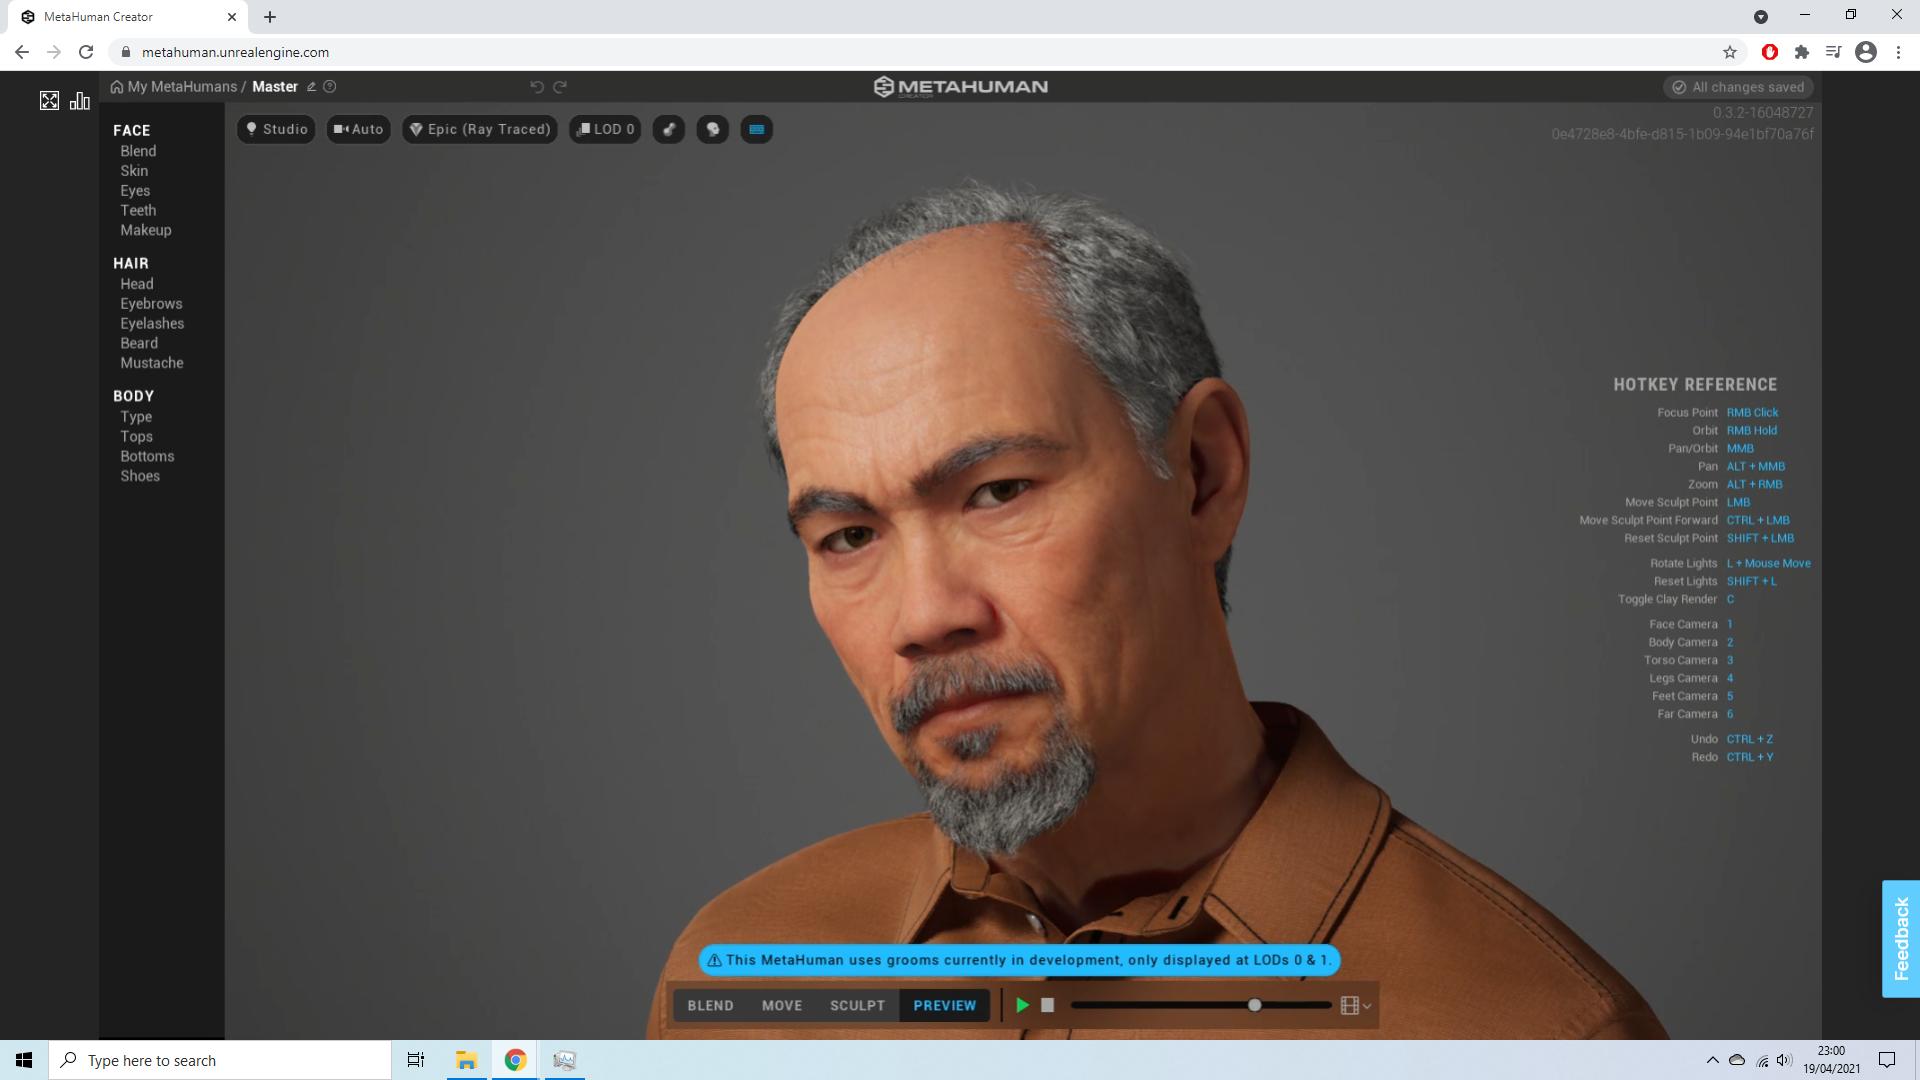 desktopscreenshot2021qrkx2.png